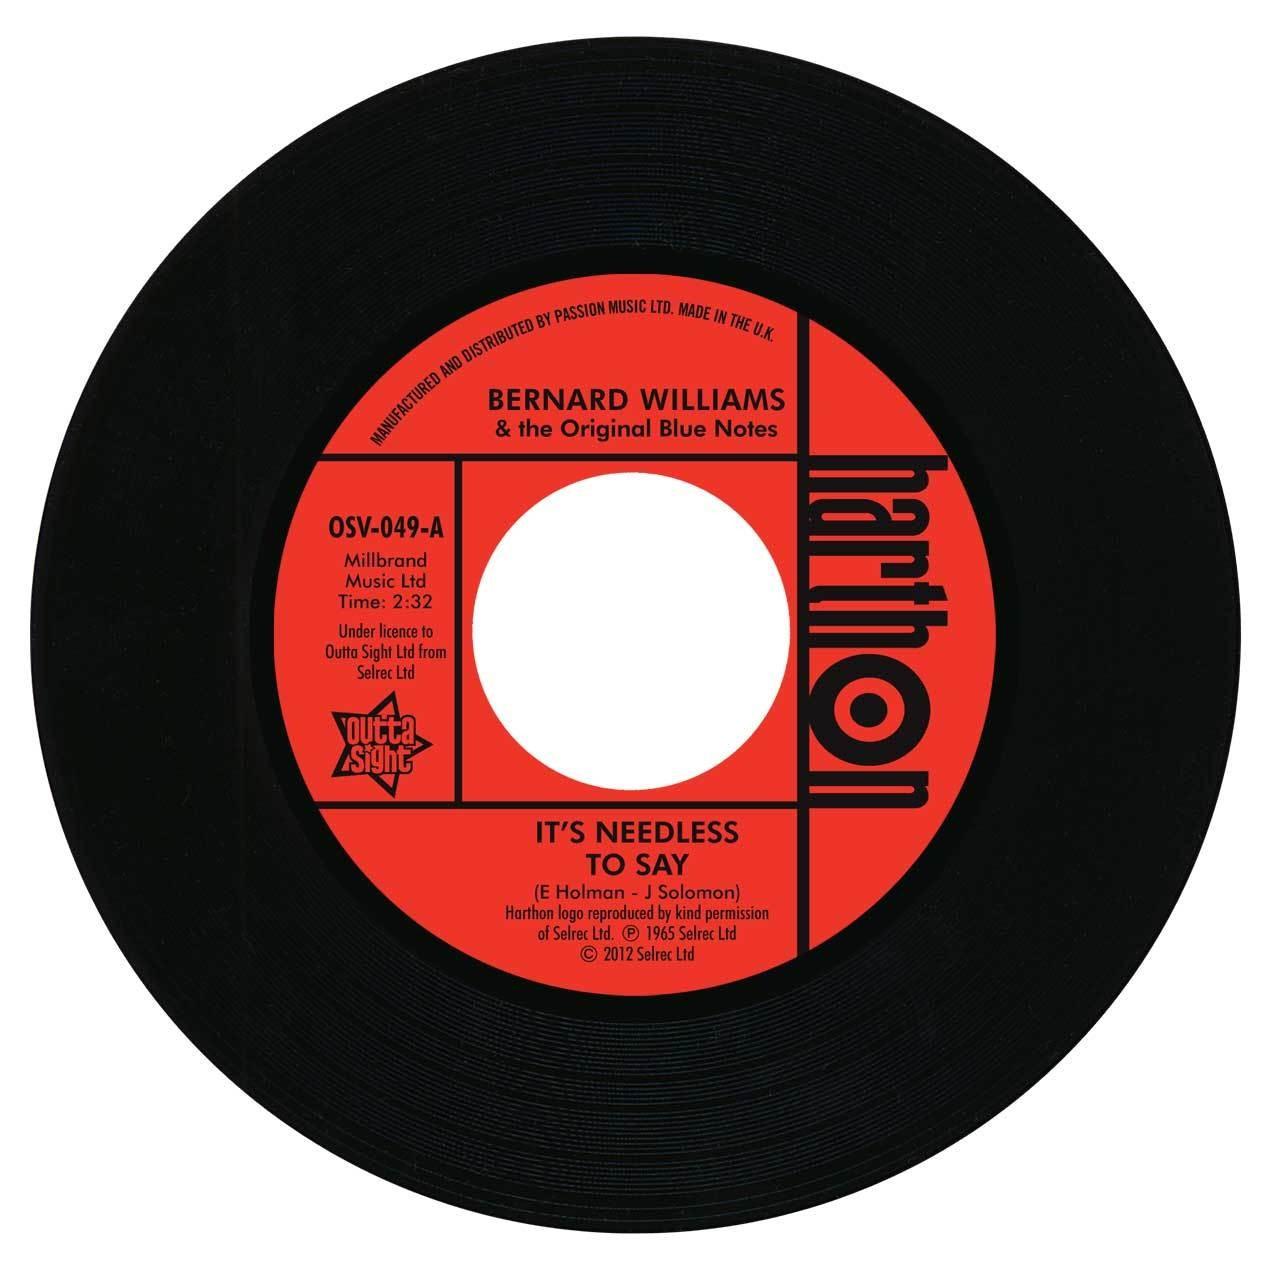 Bernard Williams & The Original Blue Notes